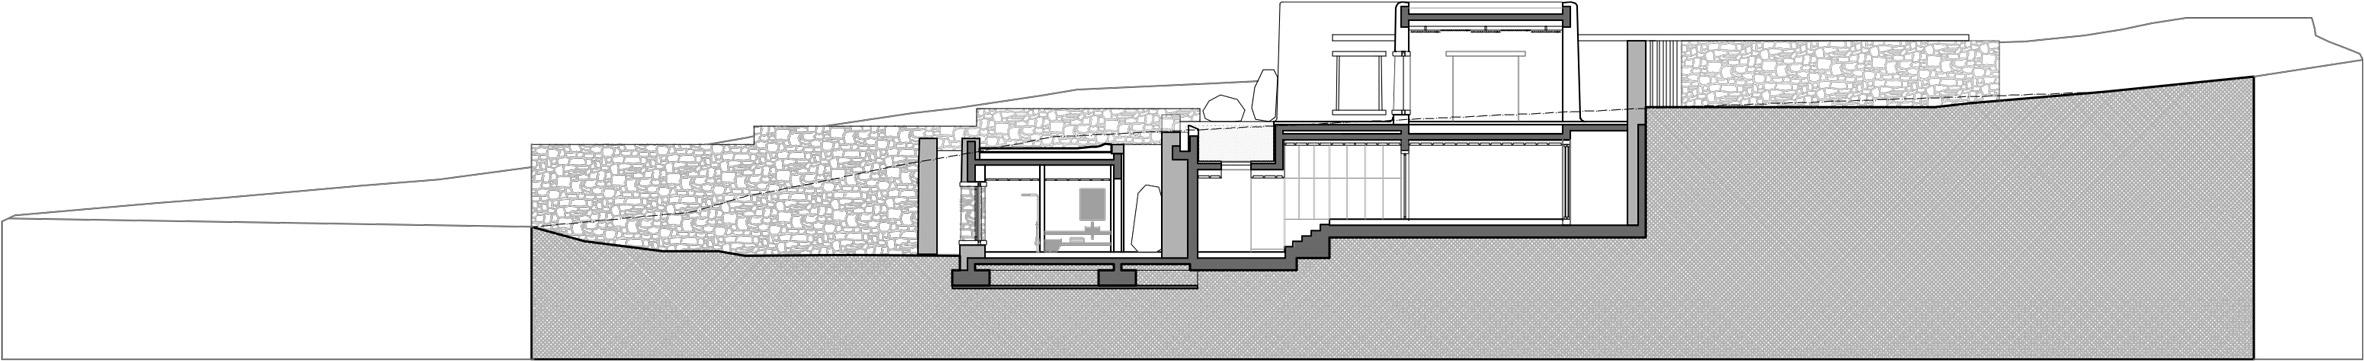 Thiết kế ngoại thất biệt thự 12